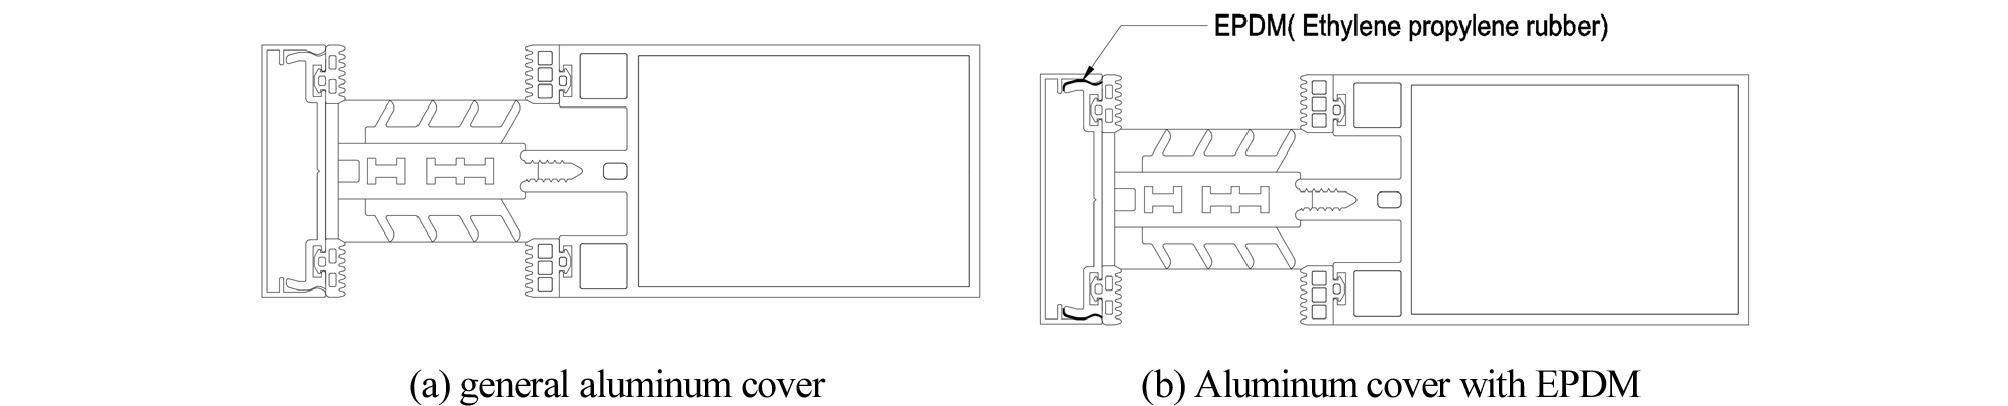 http://static.apub.kr/journalsite/sites/kiaebs/2020-014-05/N0280140511/images/Figure_KIAEBS_14_5_11_F8.jpg